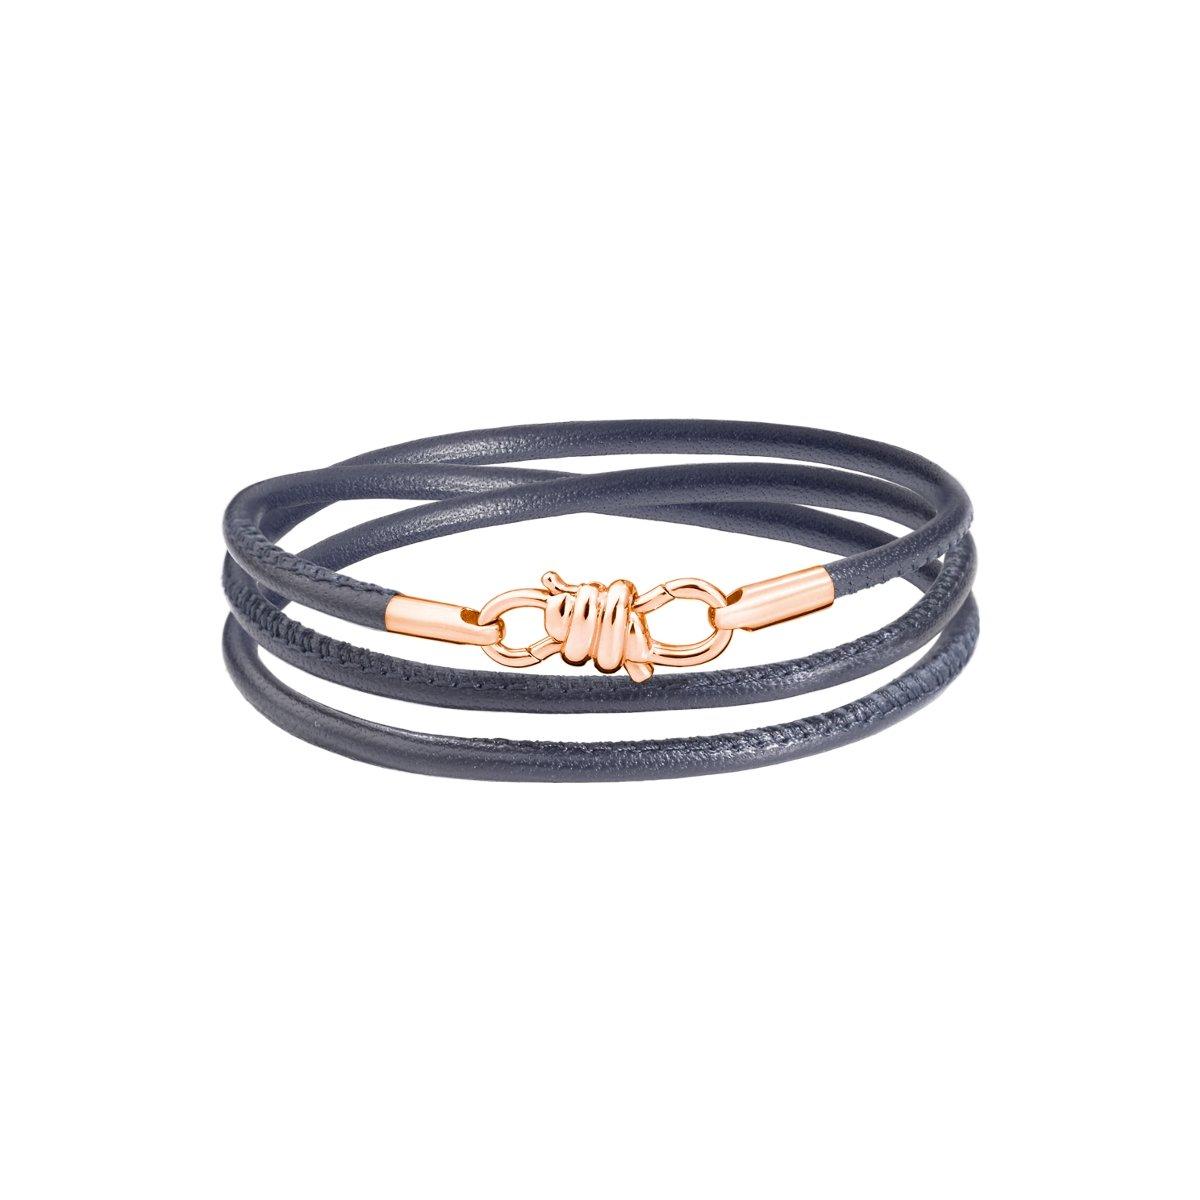 Bracelet sur cordon DoDo Nodo Bracelet Nodo en or rose et cuir gris, 17cm vue 1